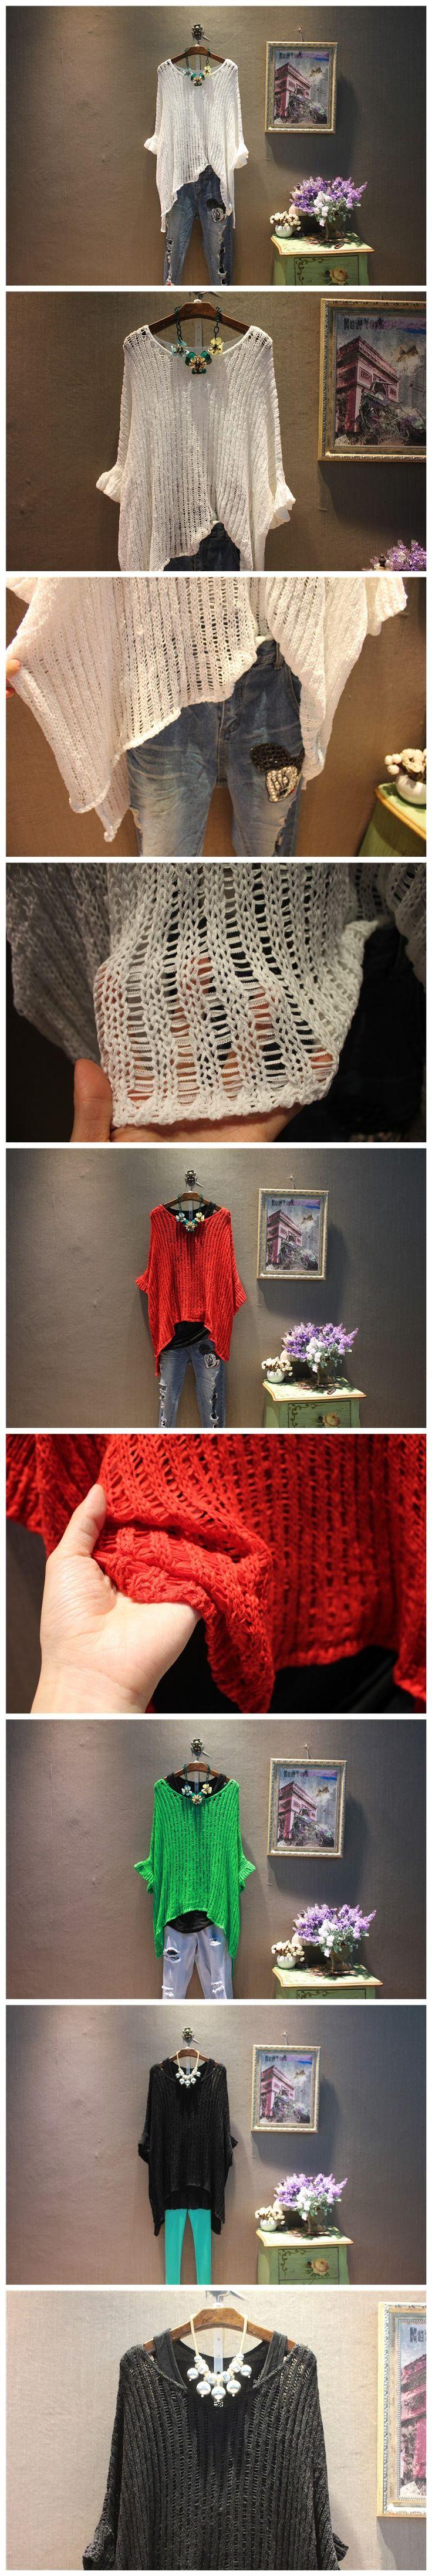 Taobao küresel İstasyonu - Dongguk kapıyı satın Saf lotus kollu ince kazak ince büyük kilometre moda şişman MM vahşi kazak oldu